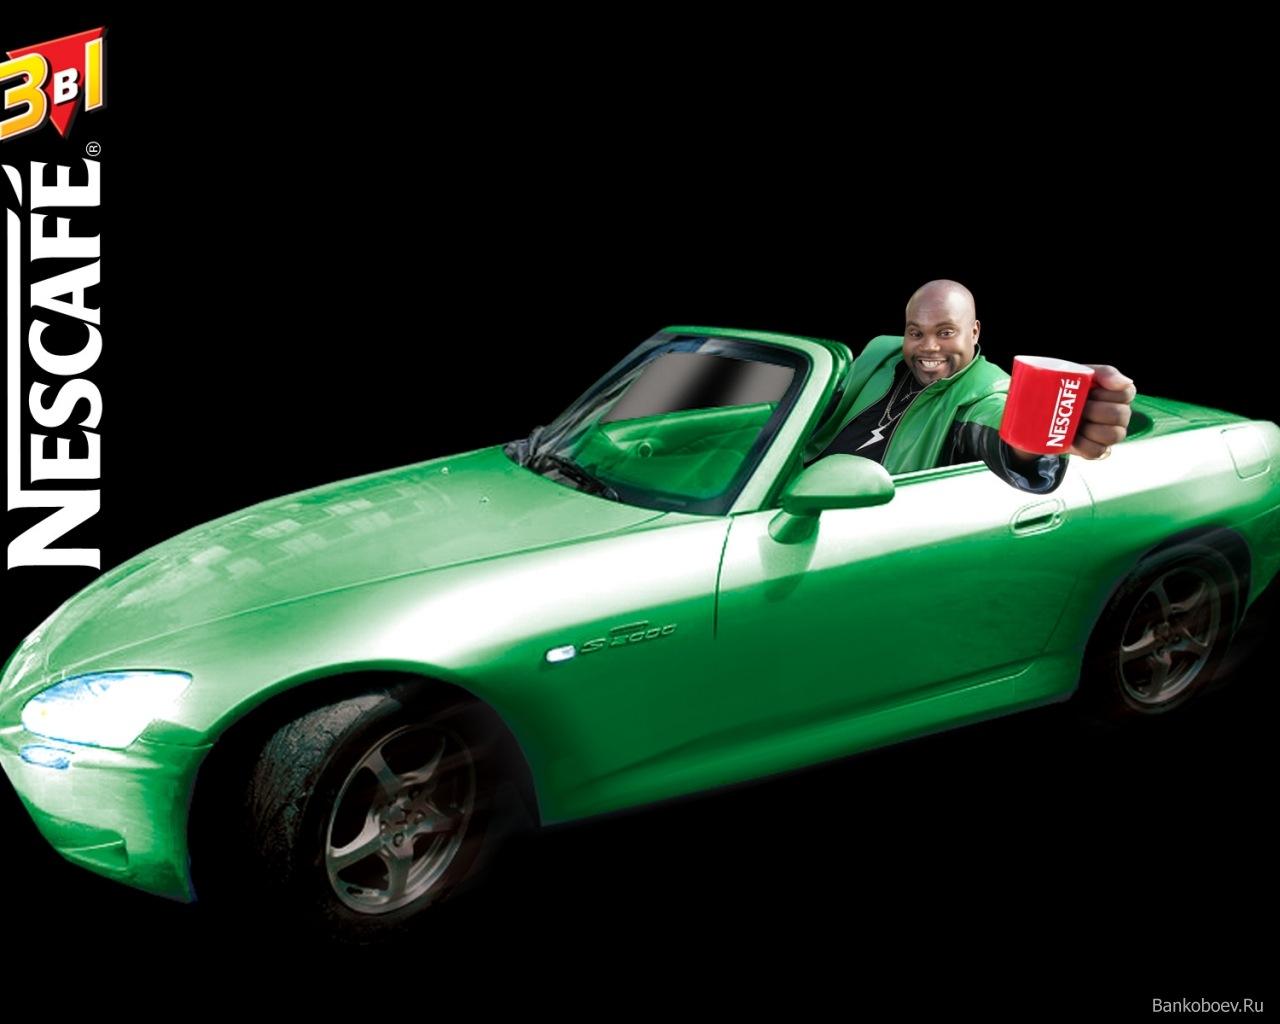 зеленая спортивная машина, скачать фото, обои для рабочего стола, красная кружка Nescafe